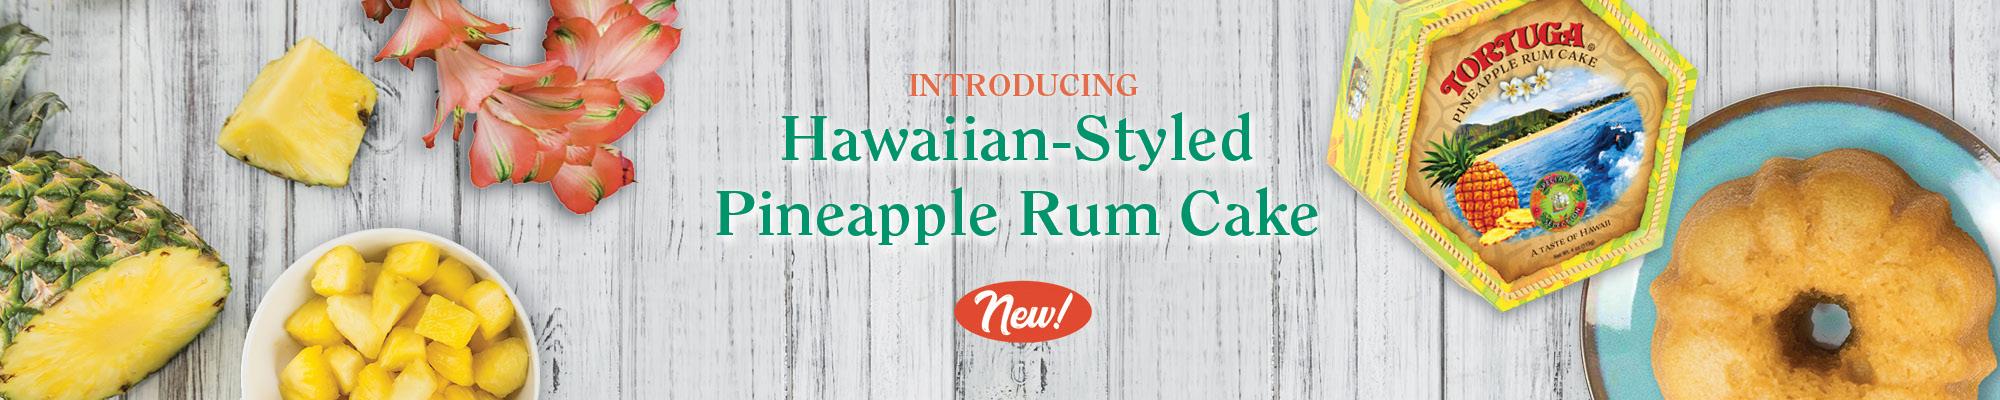 hawaiipineapple-2000x400-category-page.jpg